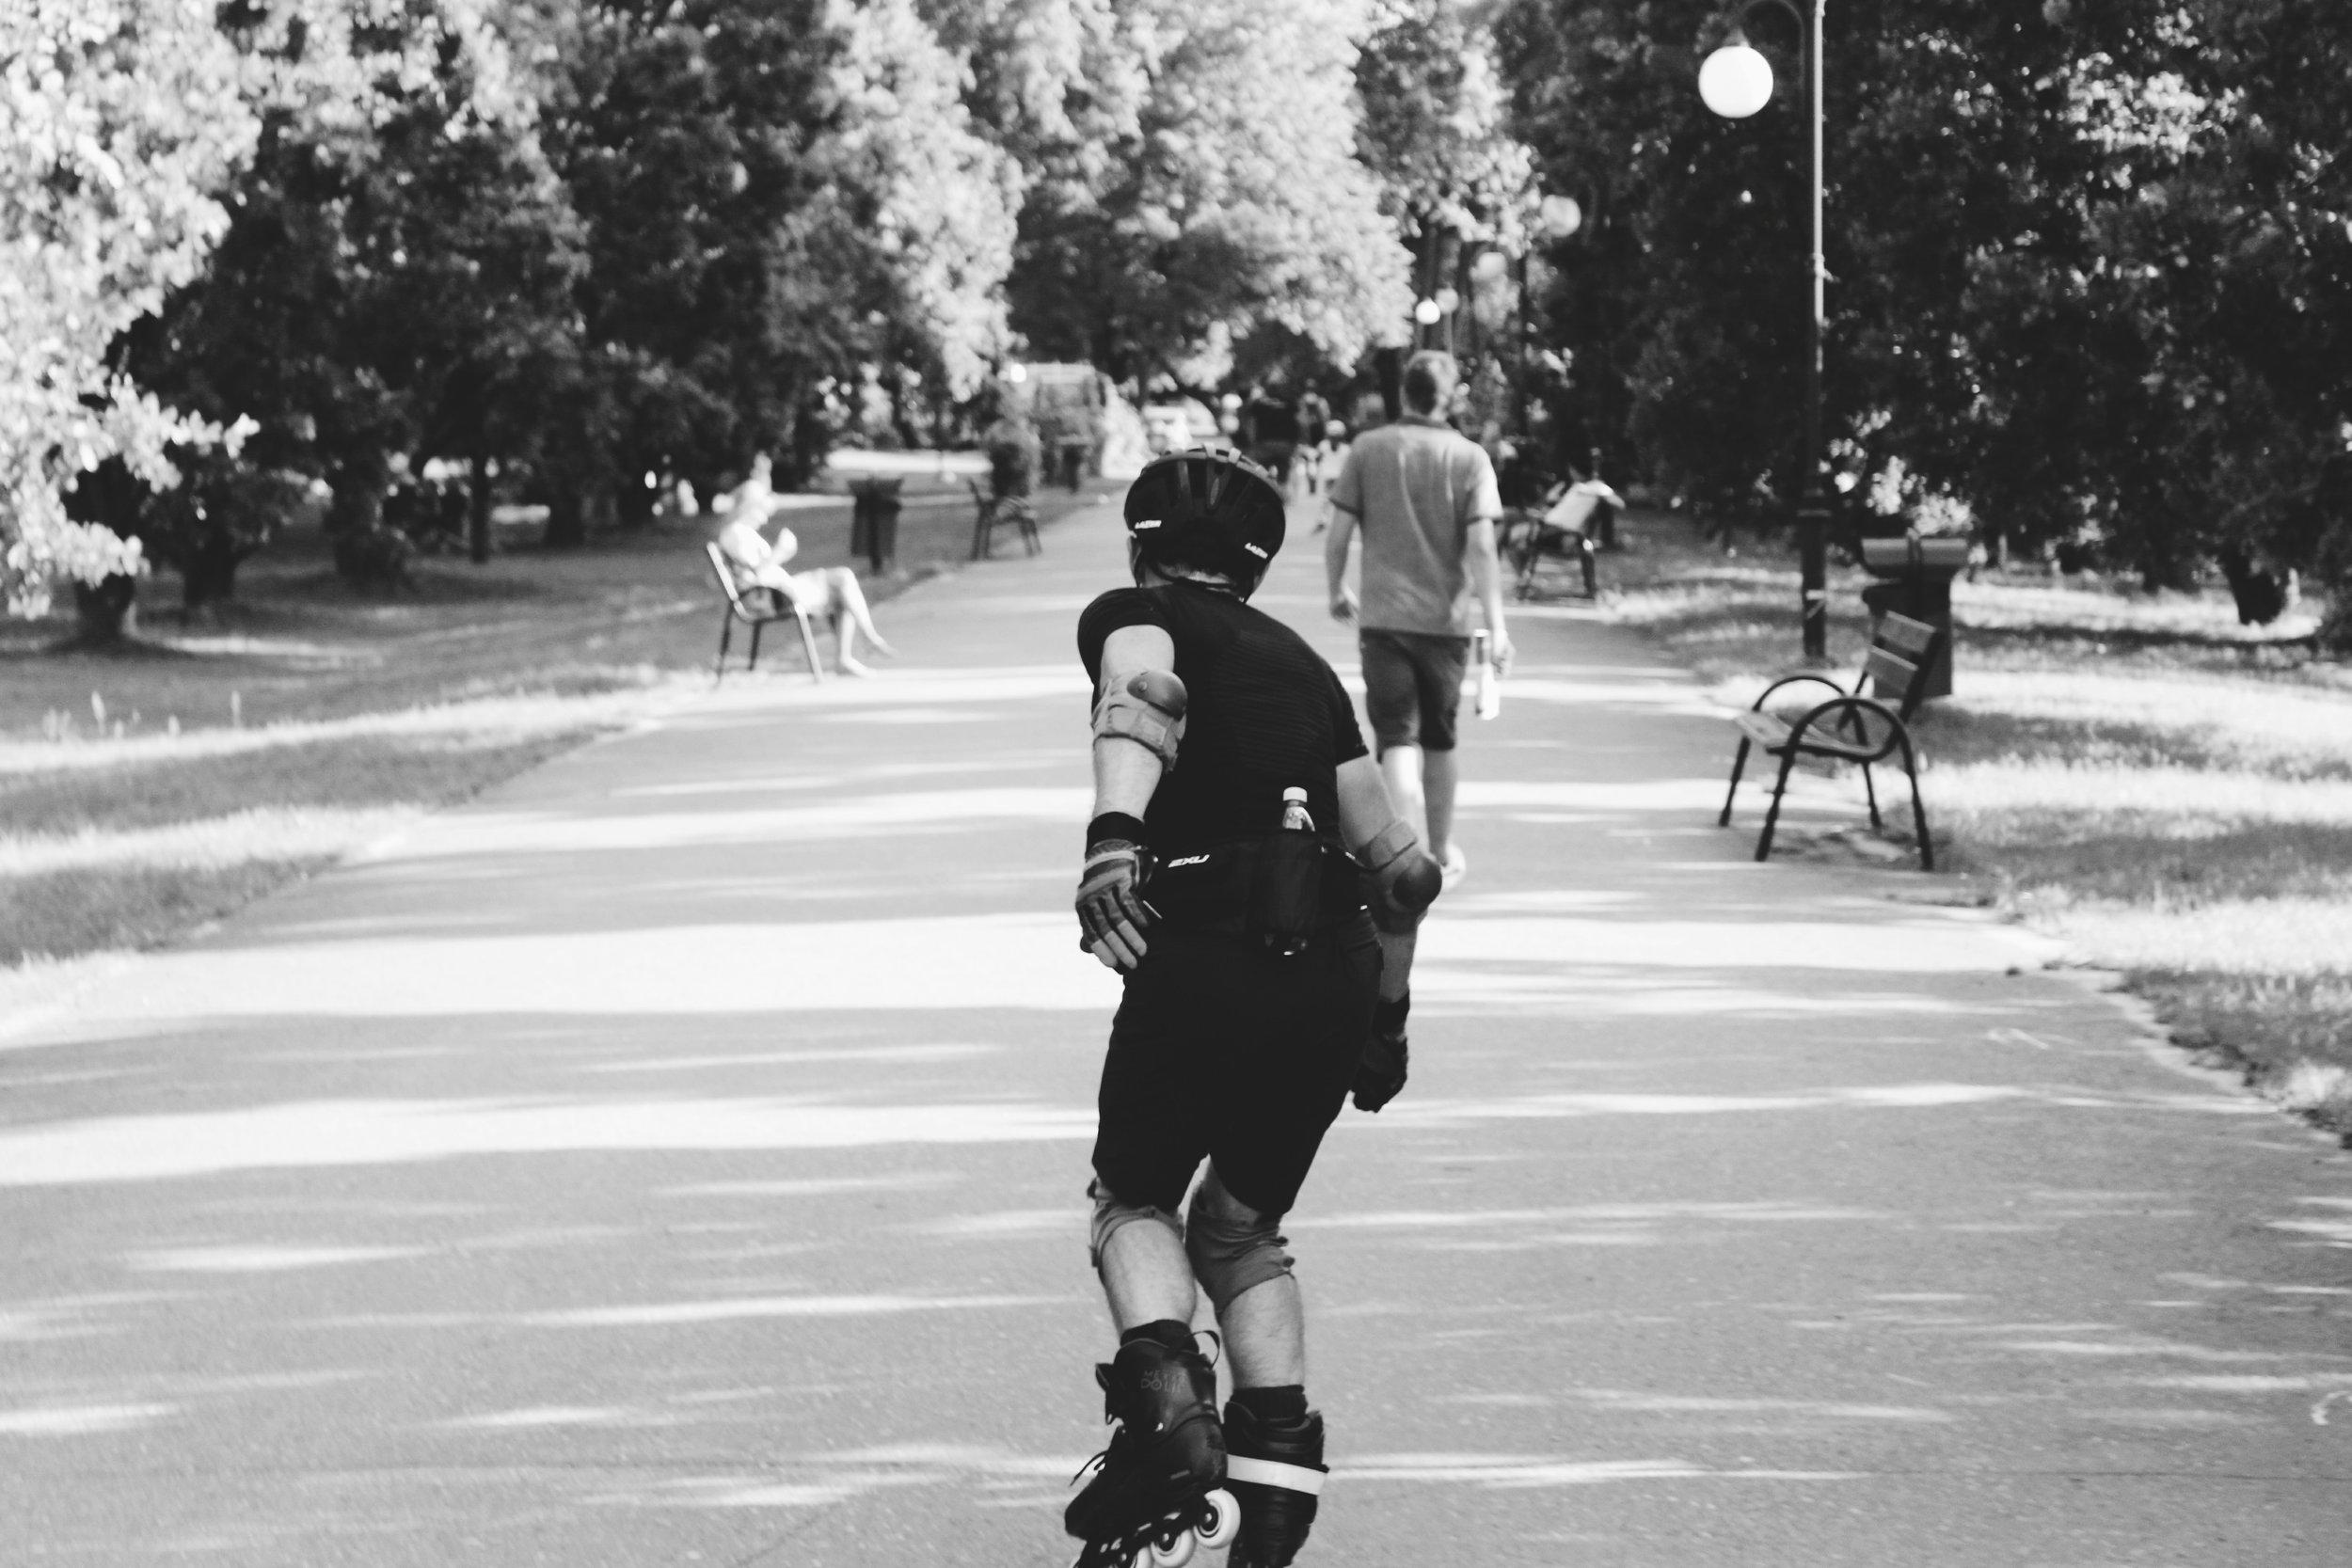 person-skating-at-the-park-1256903.jpg